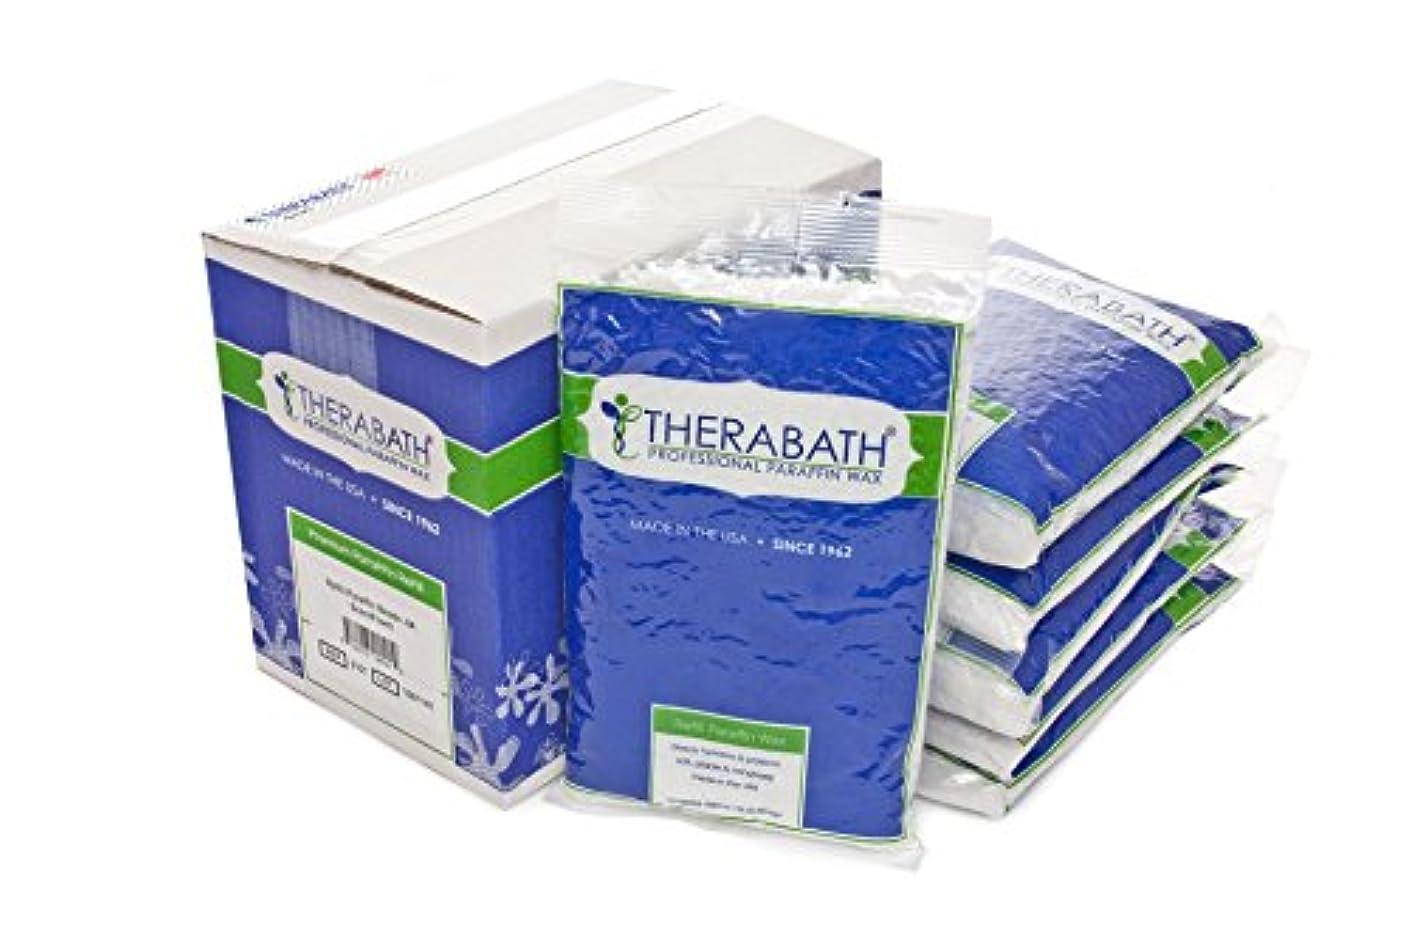 レタッチサスティーン結晶THERABATH パラフィン 6ポンド (ピーチ)